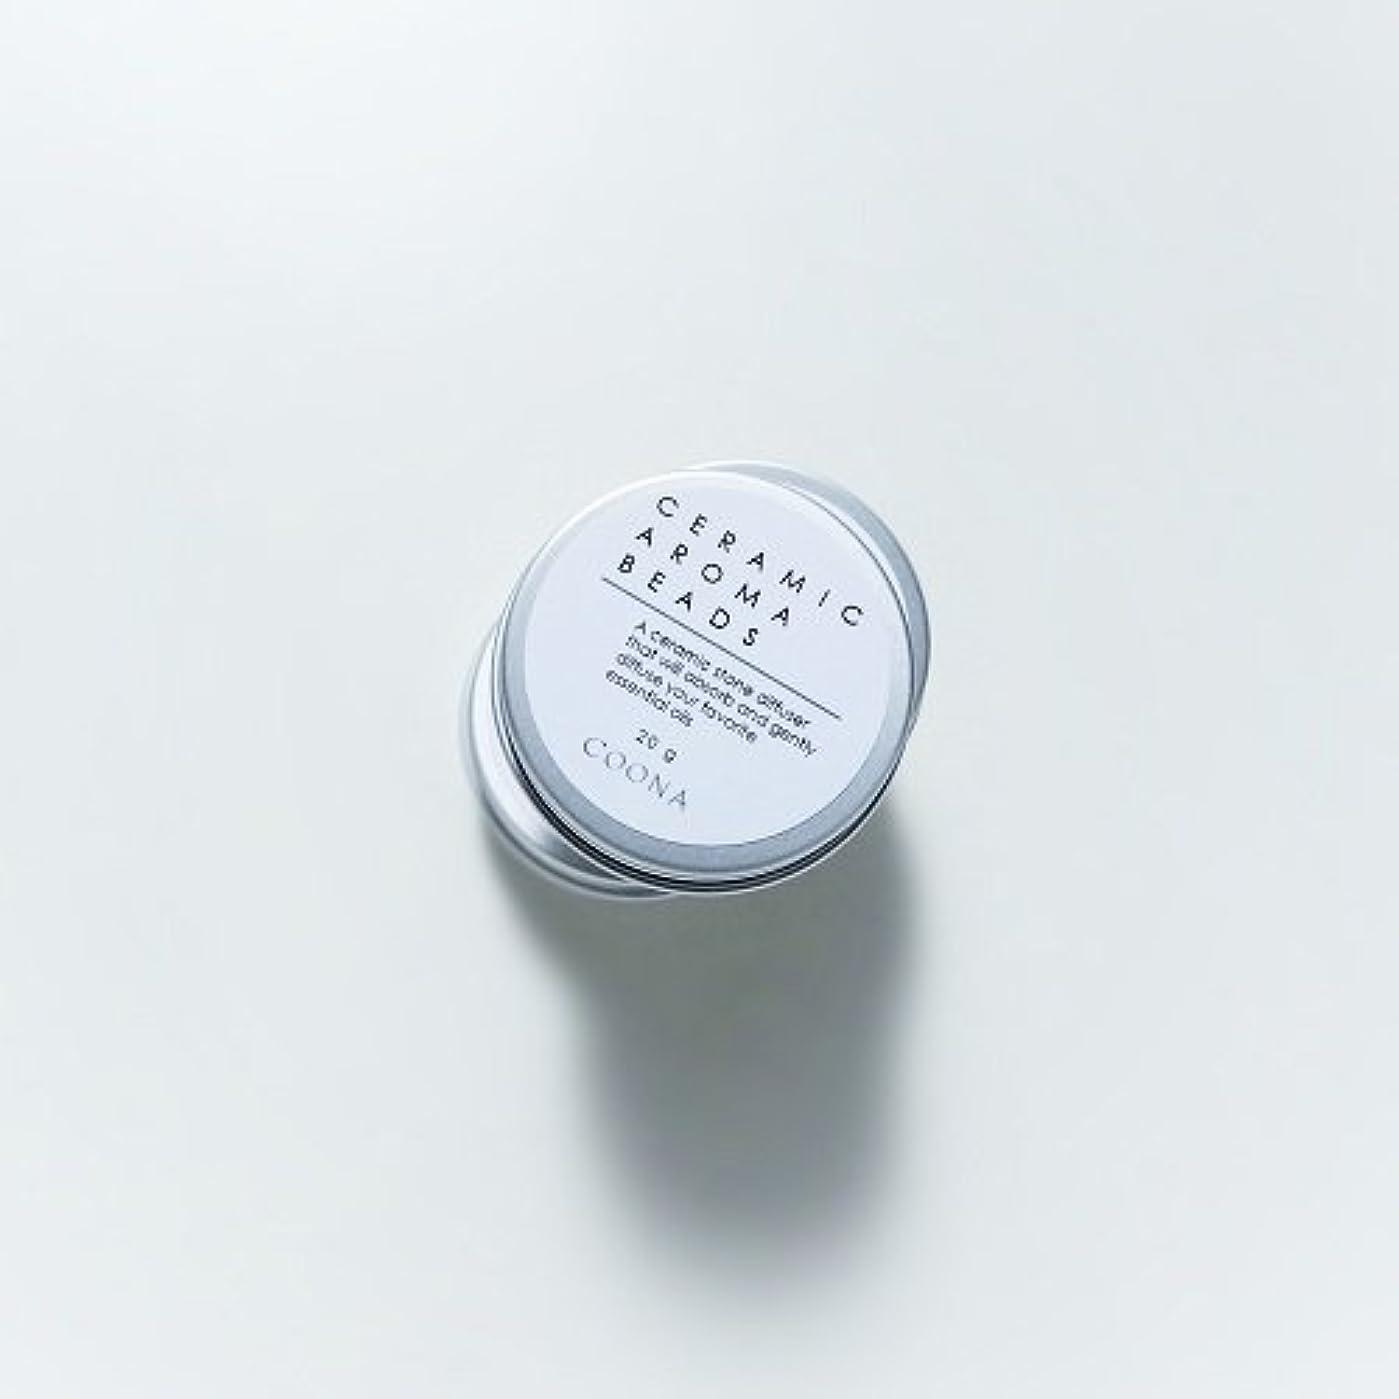 テープ夏スポットセラミックアロマビーズ(缶入り アロマストーン エコディフューザー)20g×1個